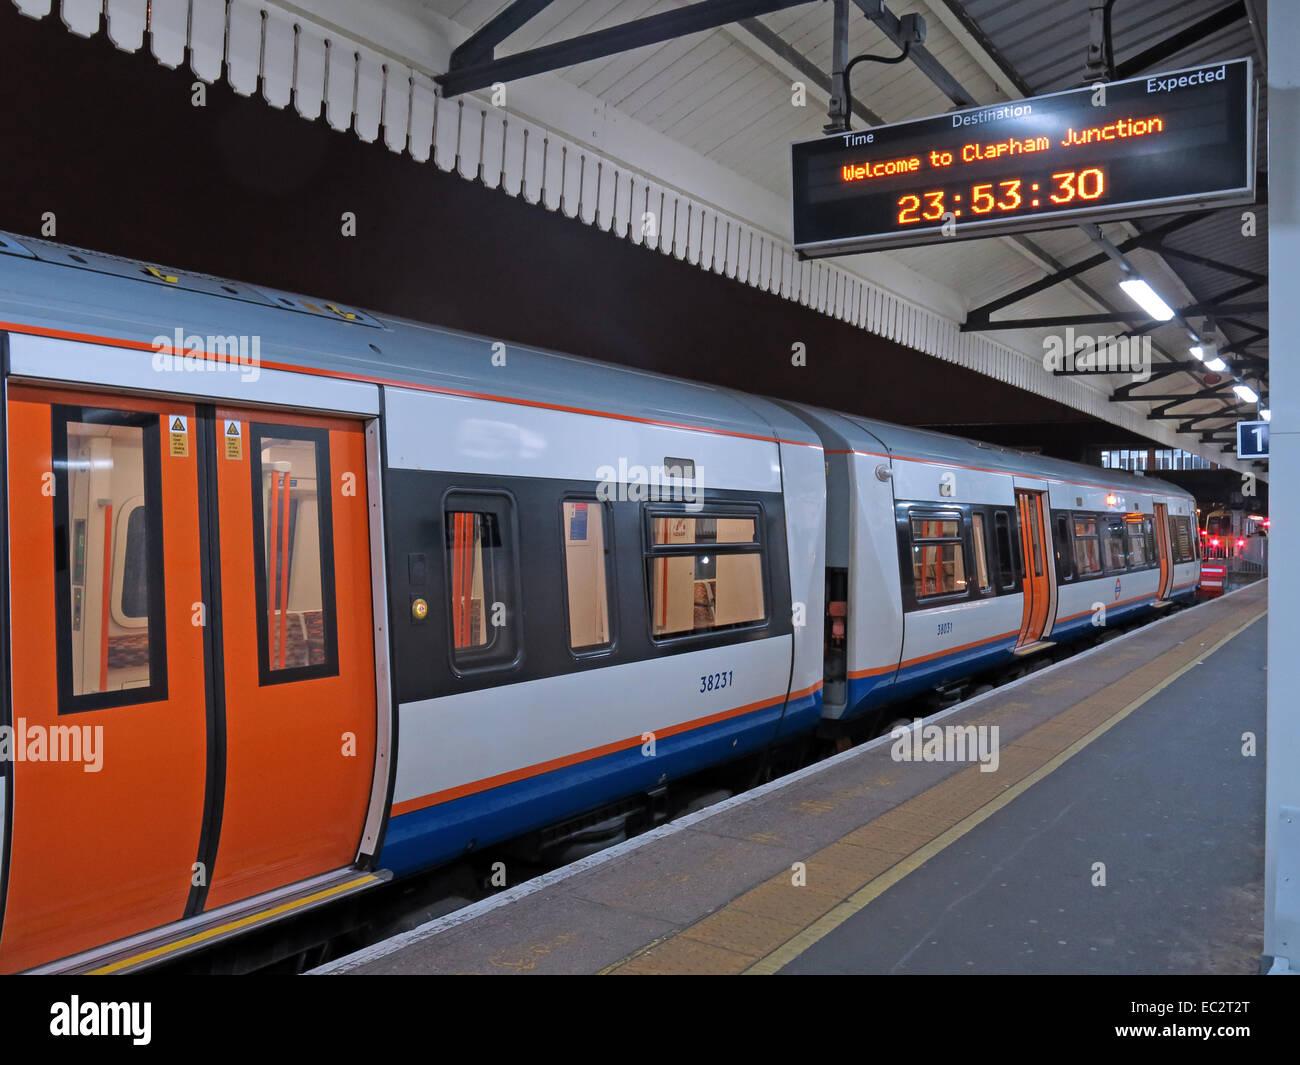 Laden Sie dieses Alamy Stockfoto Willkommen Sie bei Bahnhof Clapham Junction in der Nacht, London verkehrsreichsten, England, UK - EC2T2T